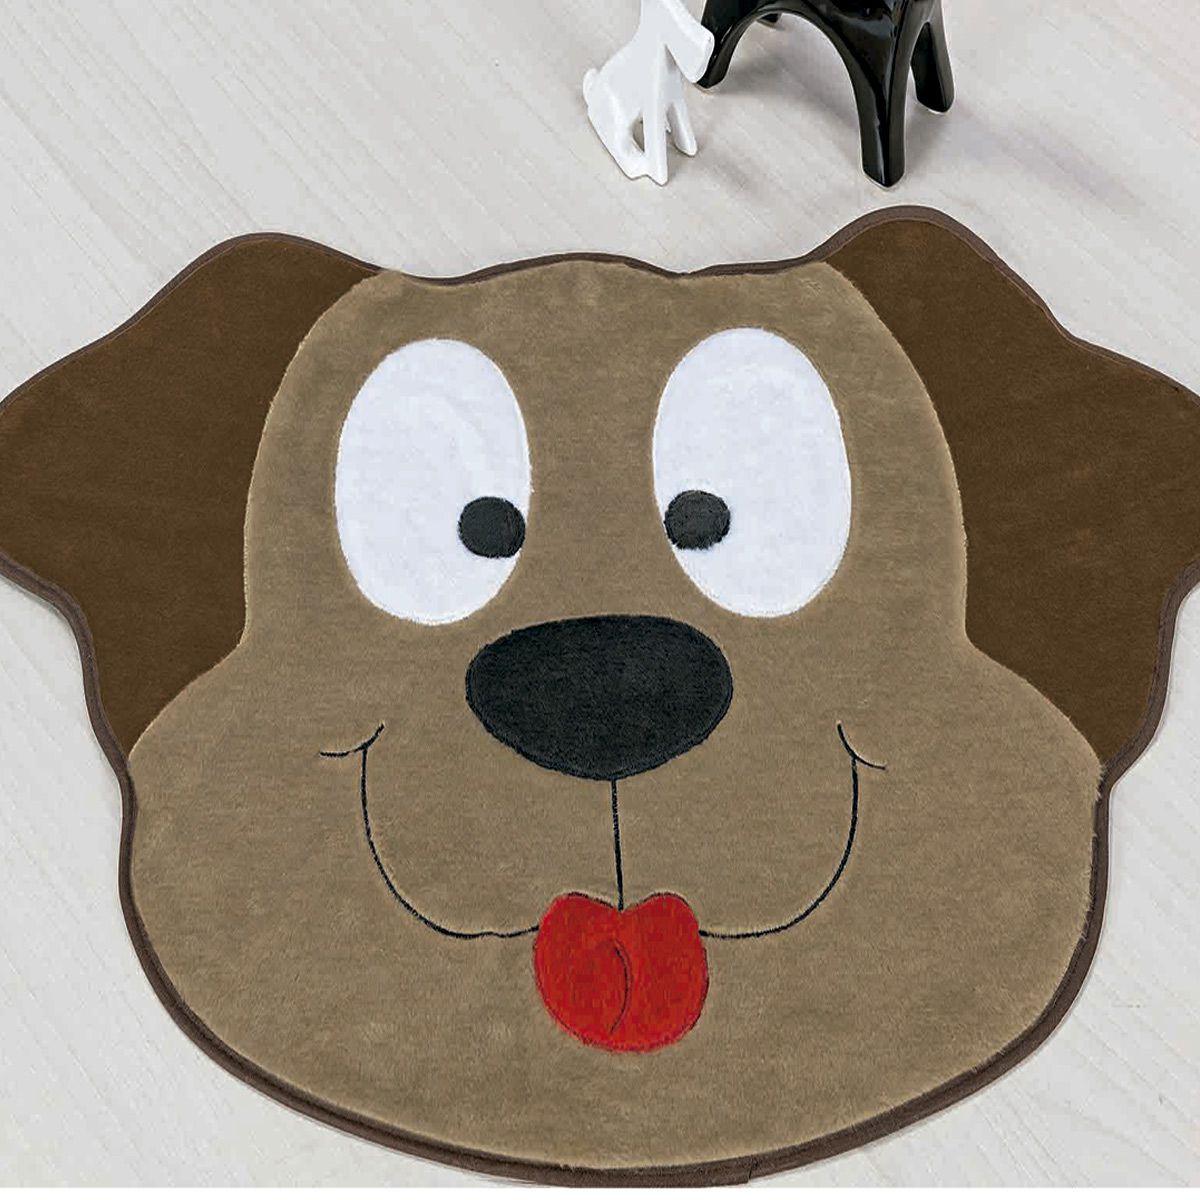 Tapete Infantil Premium Formato Cachorro Feliz Castor 78cm x 55cm